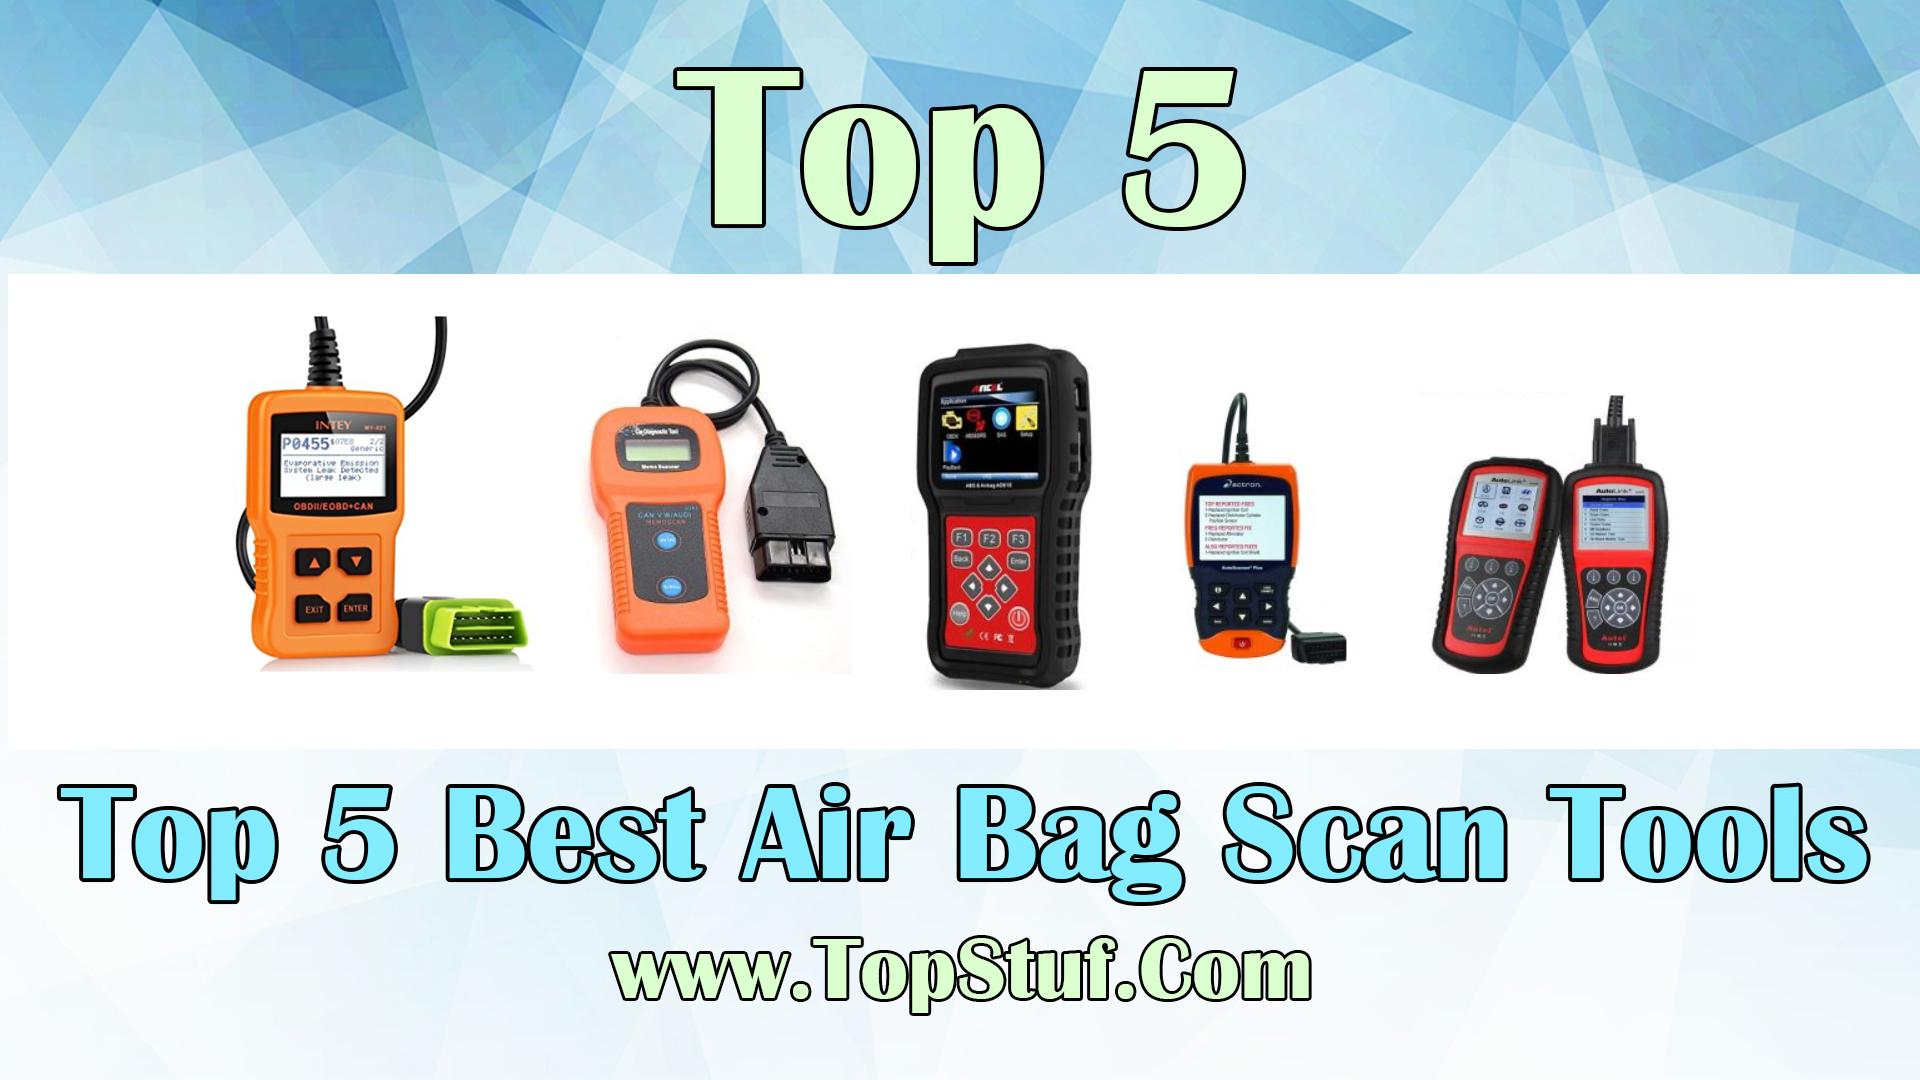 Air Bag Scan Tools